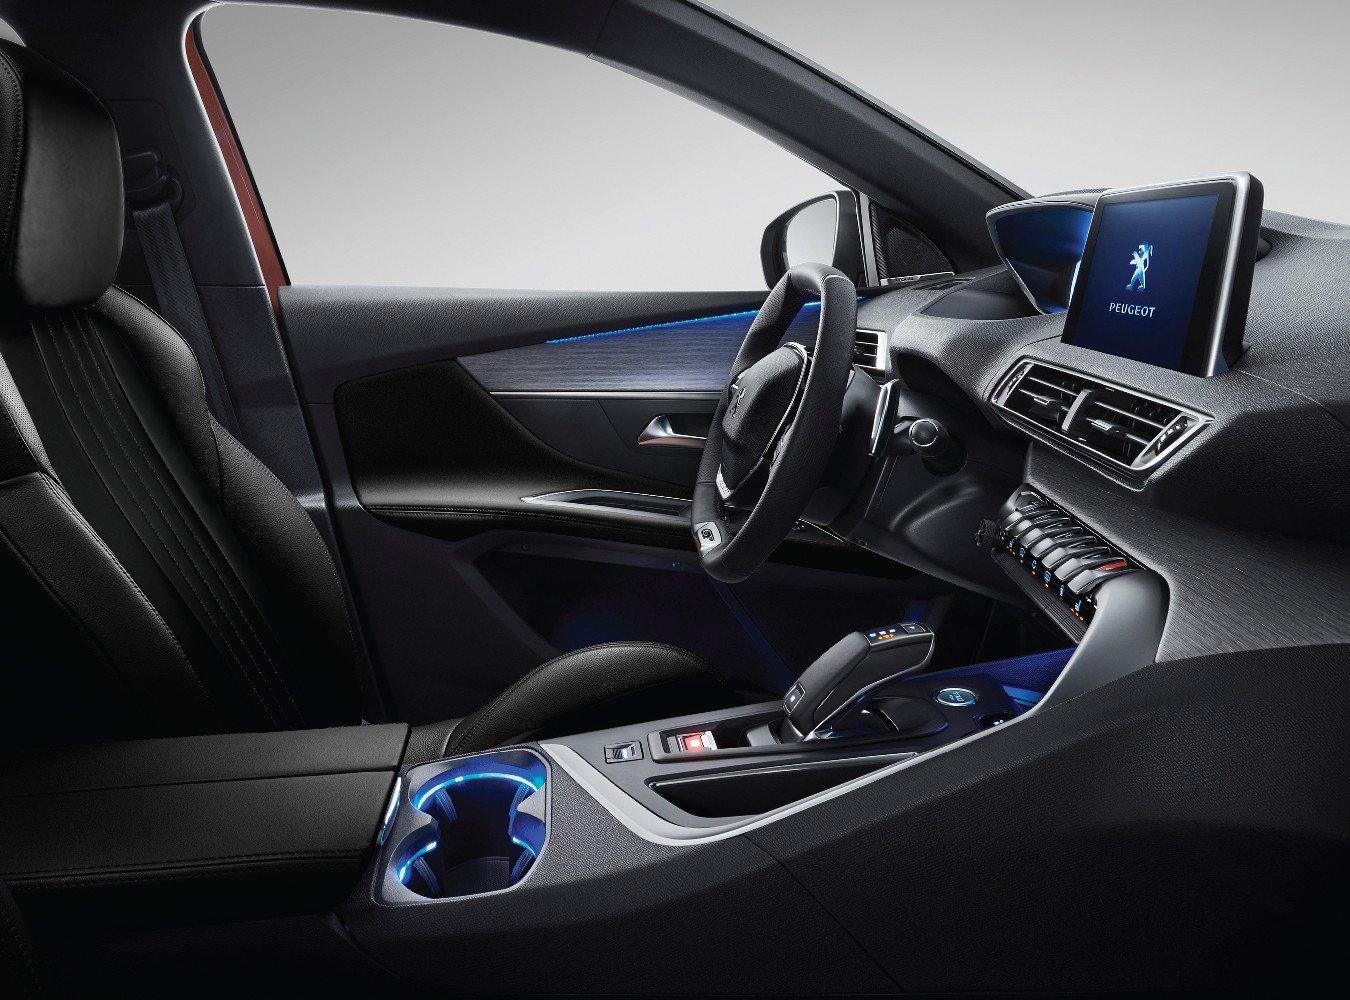 Tiện nghi trên xe hơi Peugeot 3008 2019